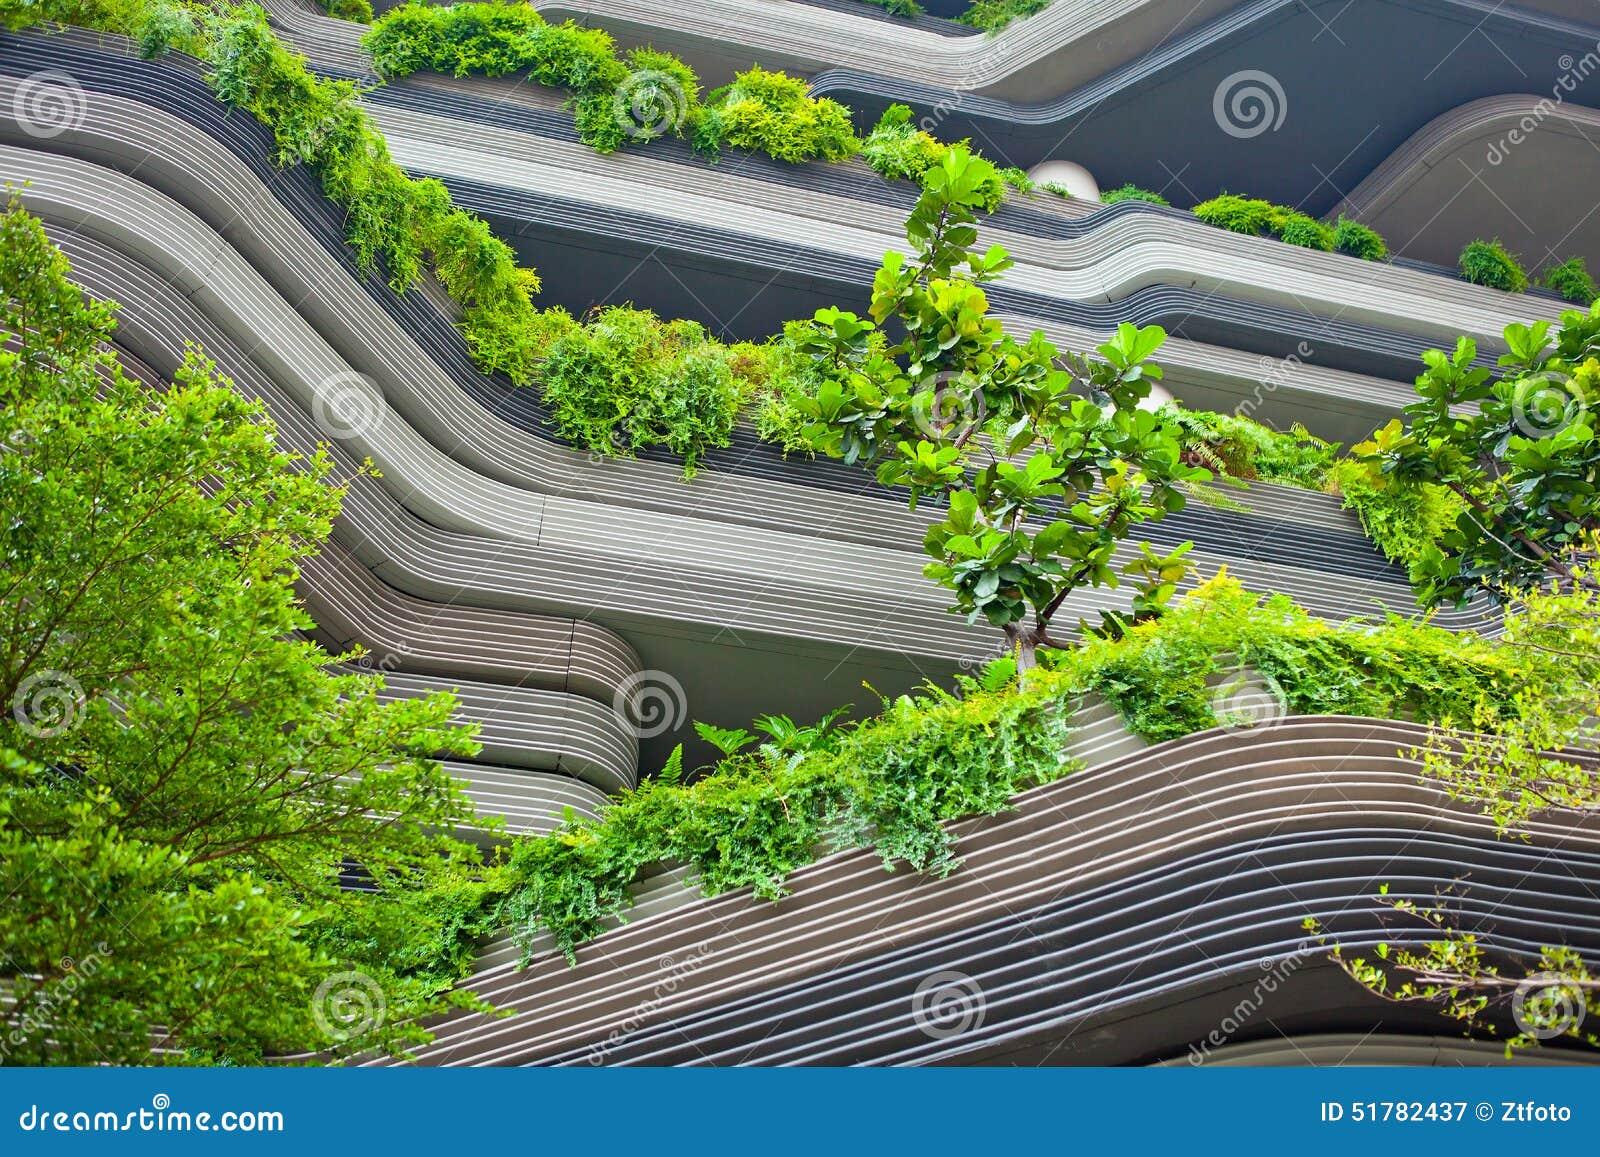 Terrazzi moderni immagine stock. Immagine di estate, casa - 51782437